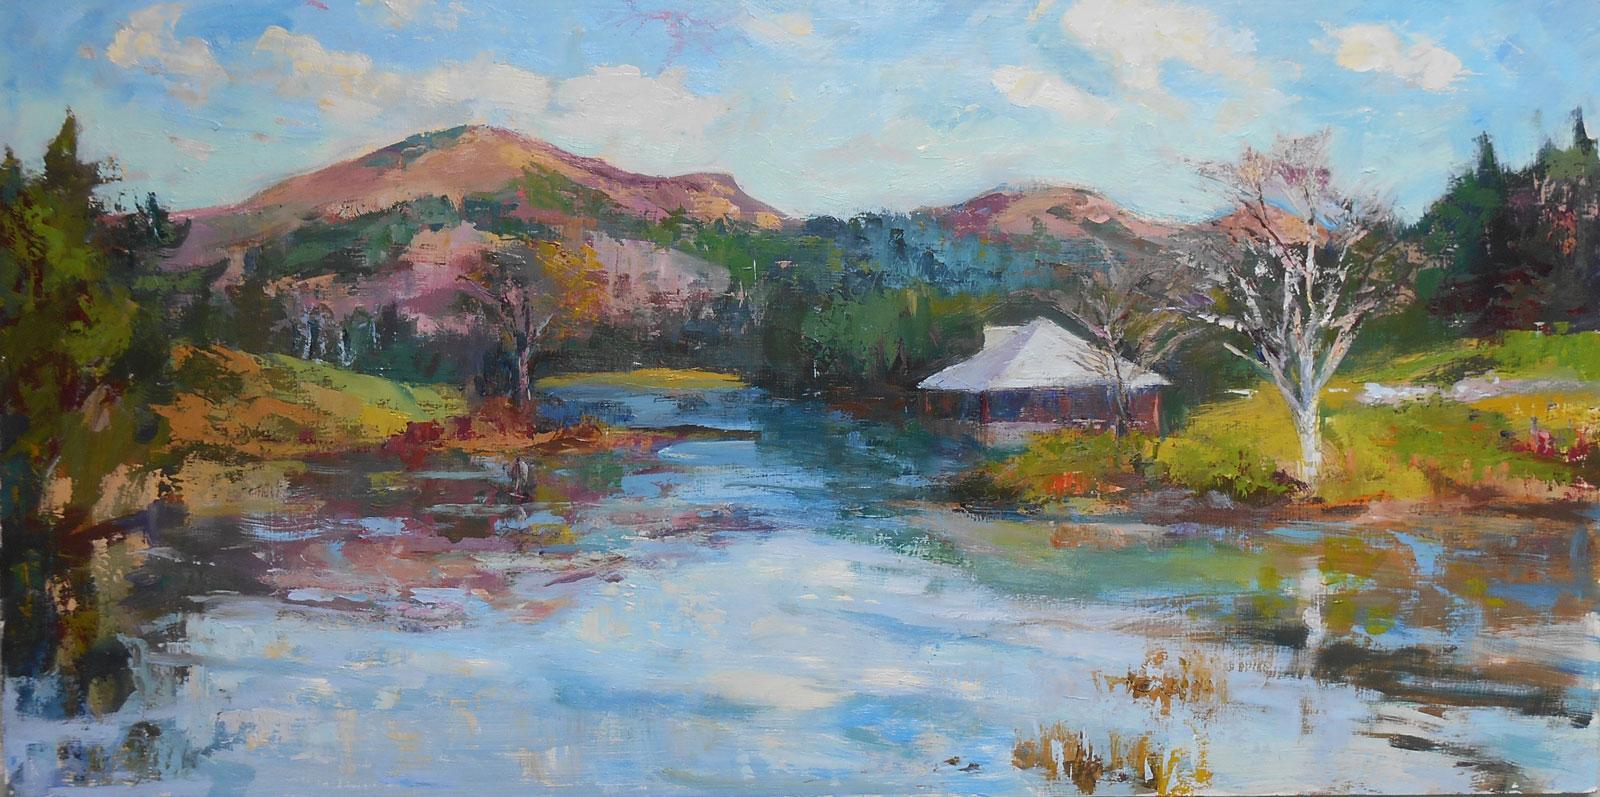 Little Long Pond  by Valerie Aponik